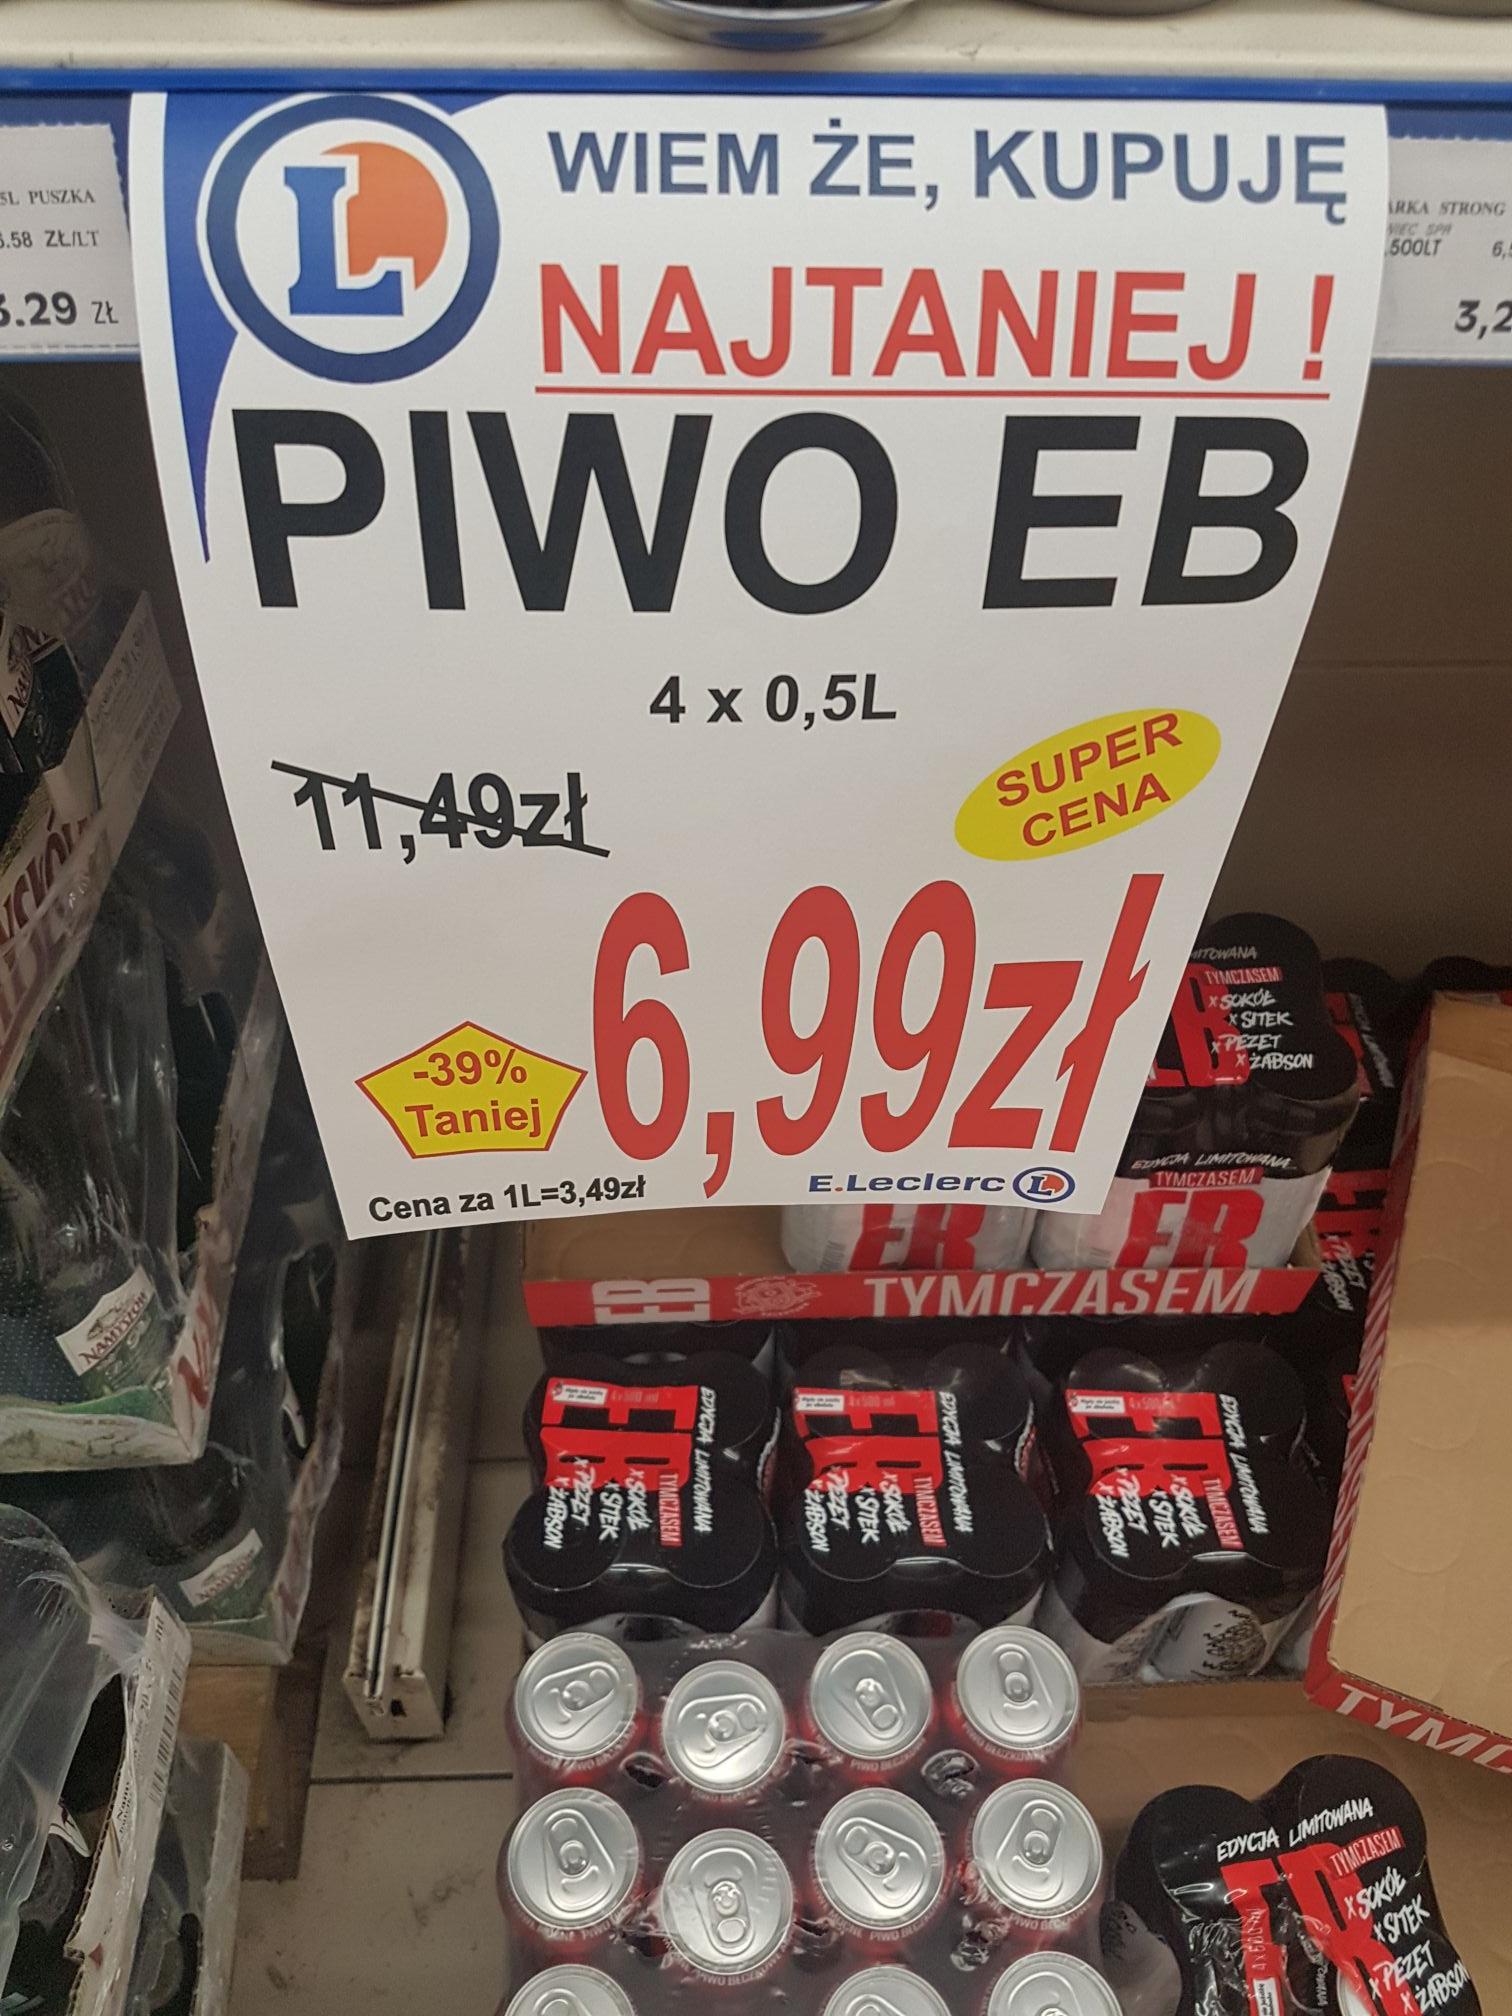 Piwo EB 4 x 0,5 l